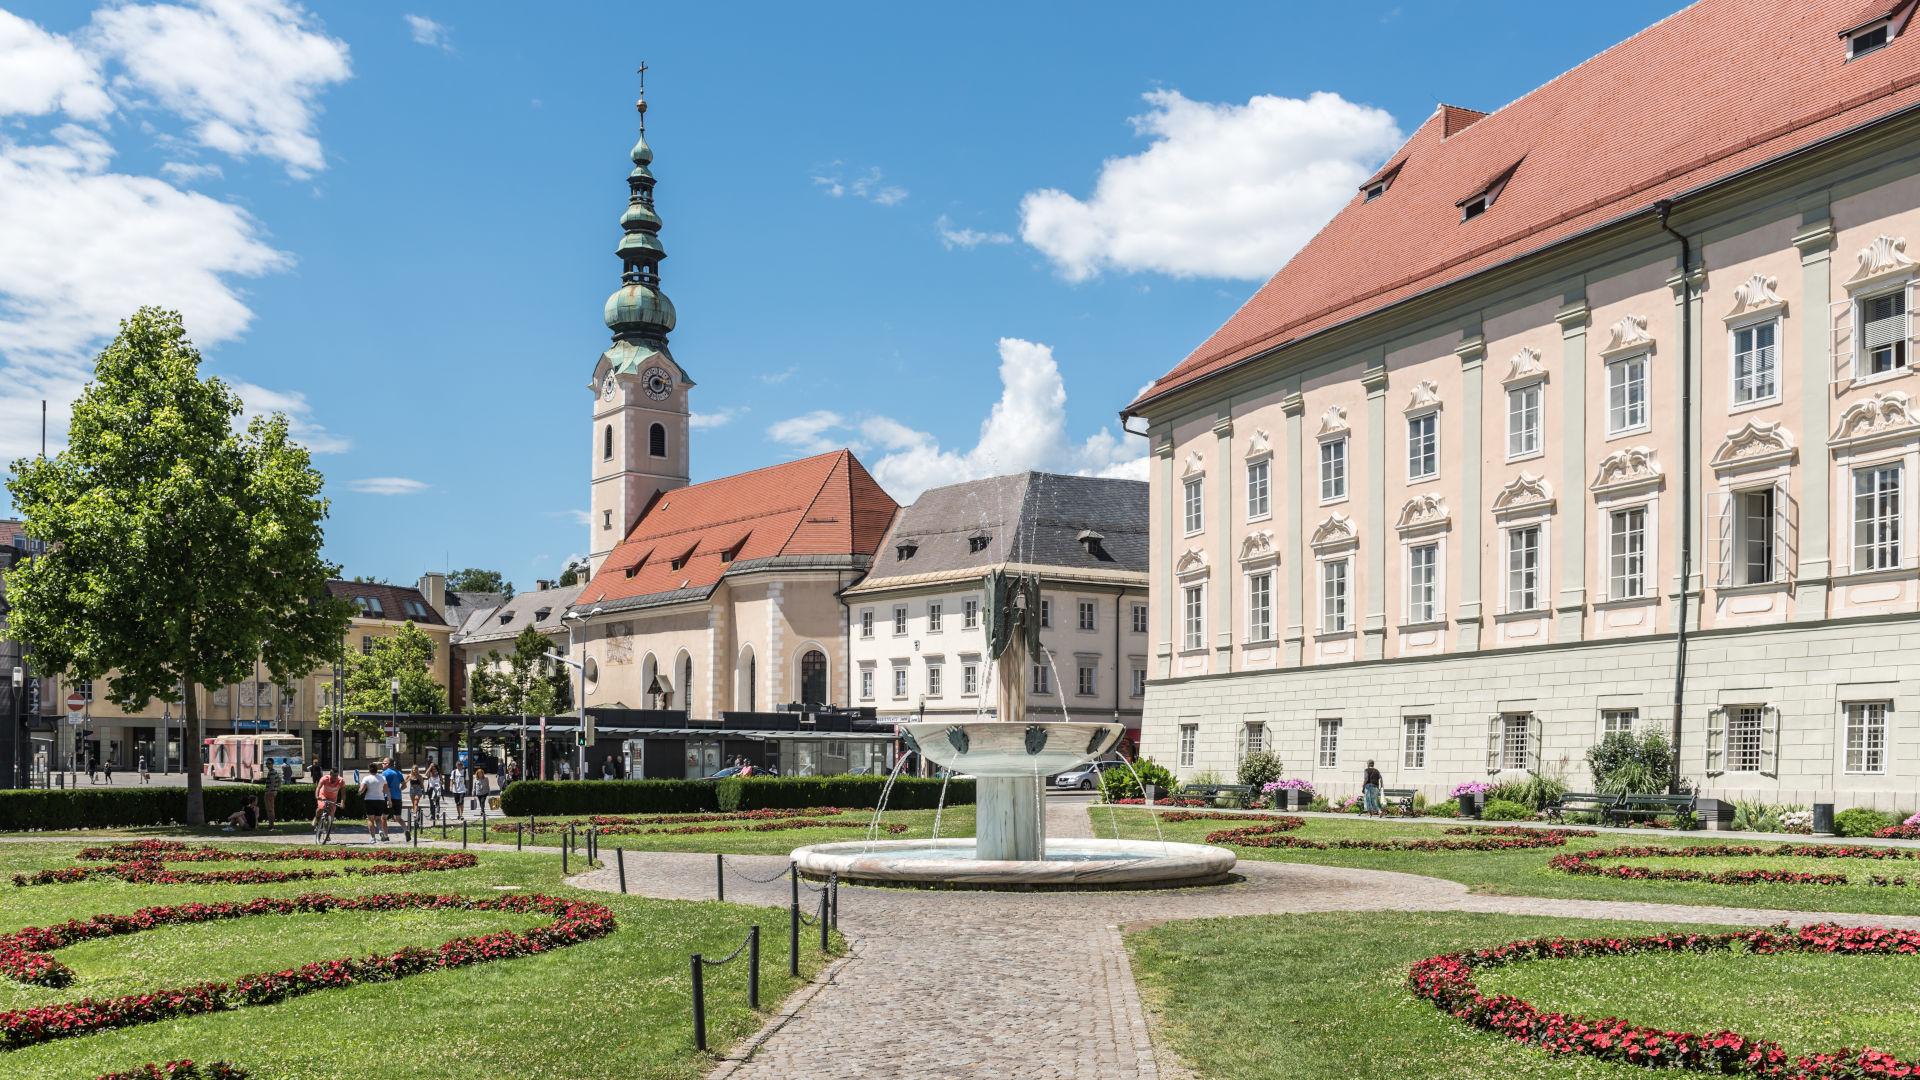 Klagenfurt, Heiligengeistkirche, Brunnen «Der Gesang» und Landhaus